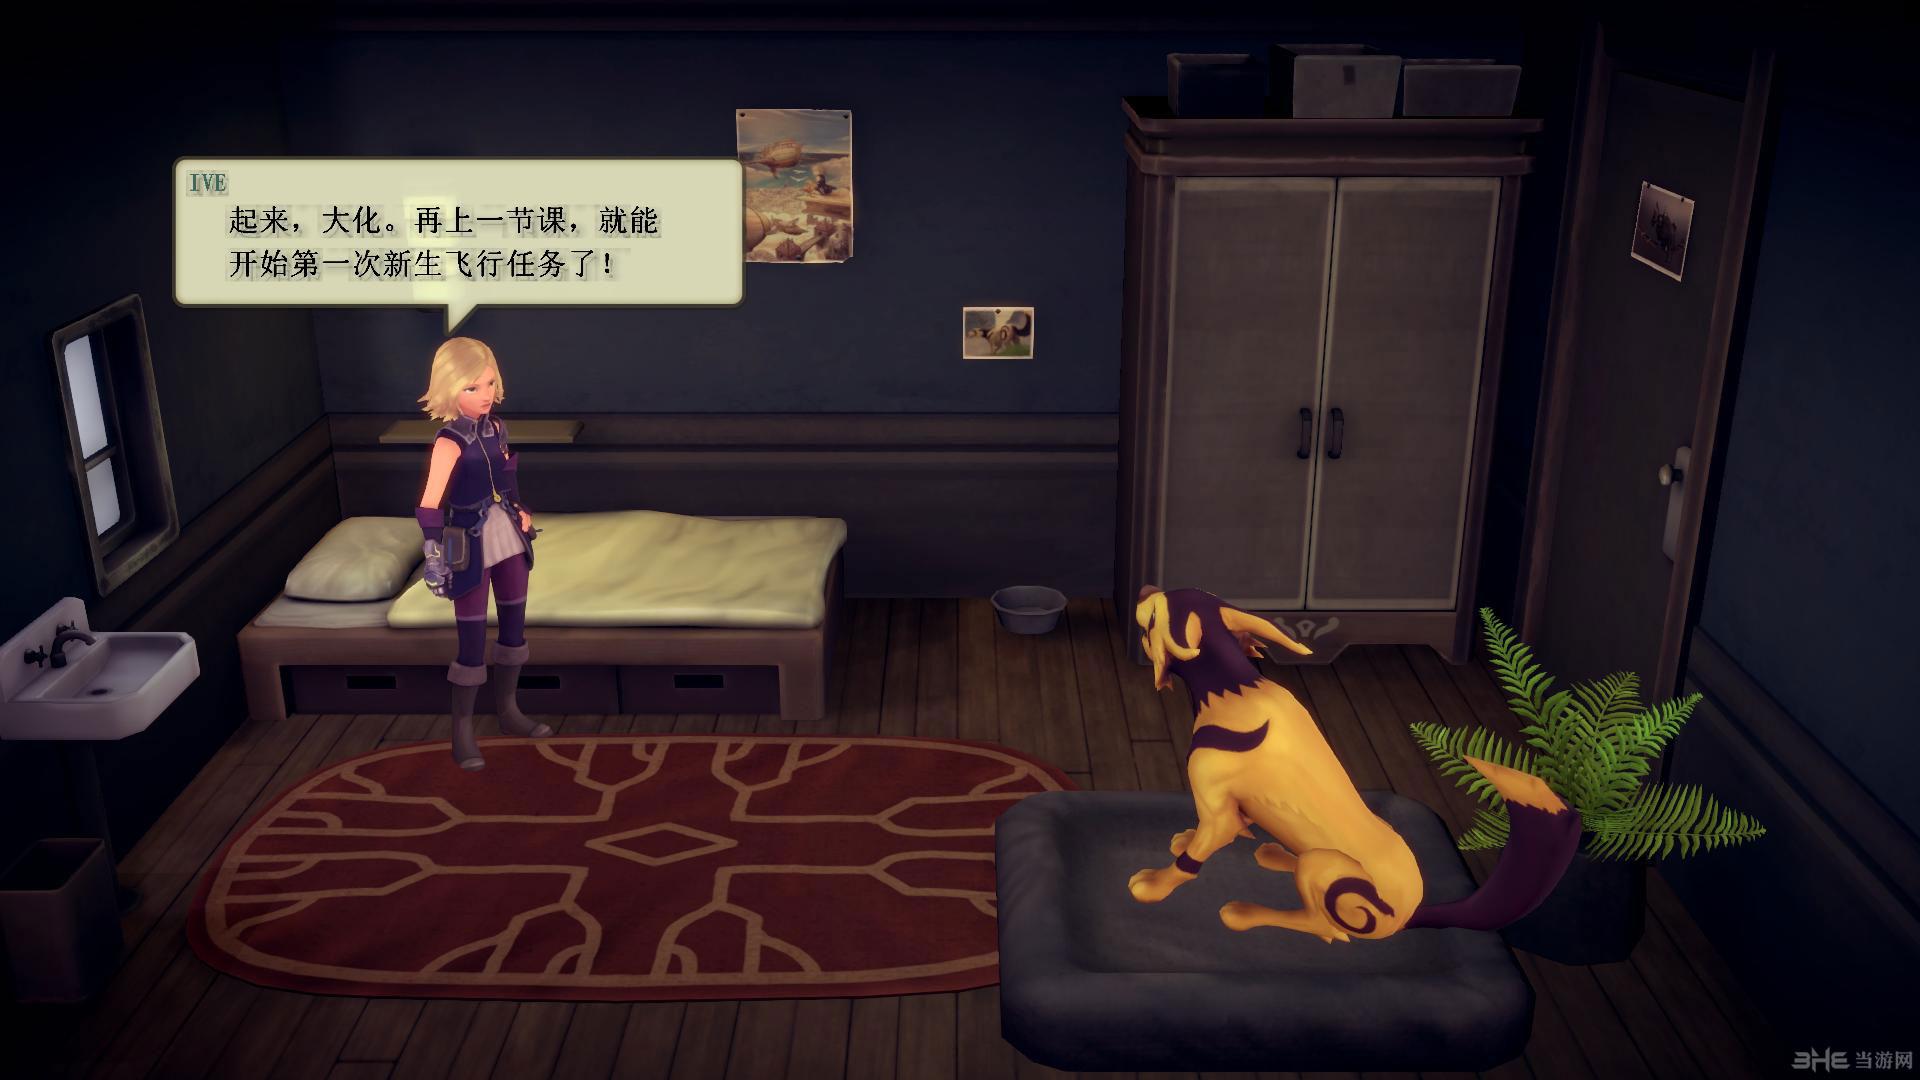 魔法季节:沉睡的大地LMAO中文汉化补丁截图1